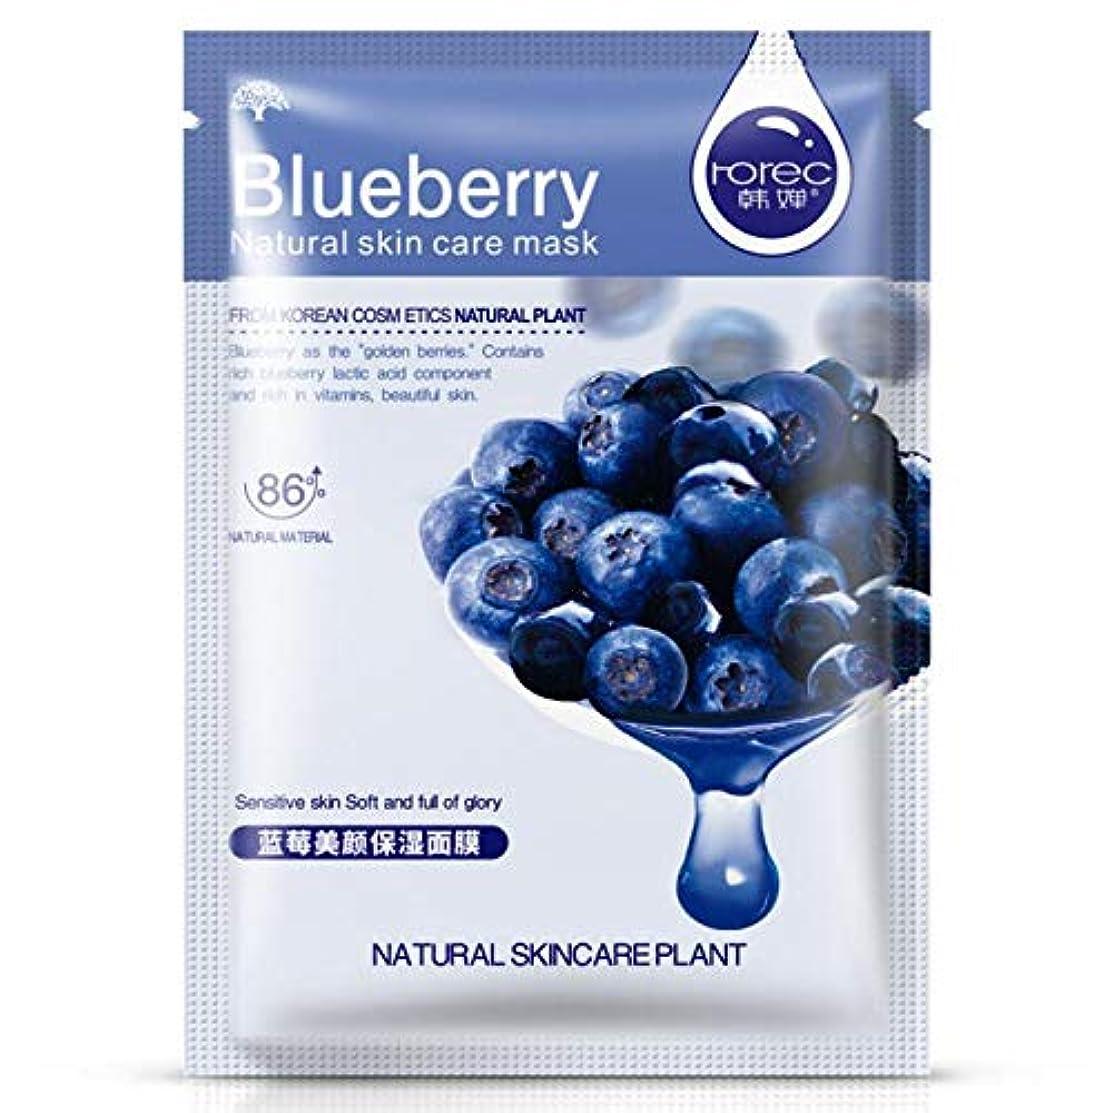 エンターテインメントマウント怪しい(Blueberry) Skin Care Plant Facial Mask Moisturizing Oil Control Blackhead Remover Wrapped Mask Face Mask Face...